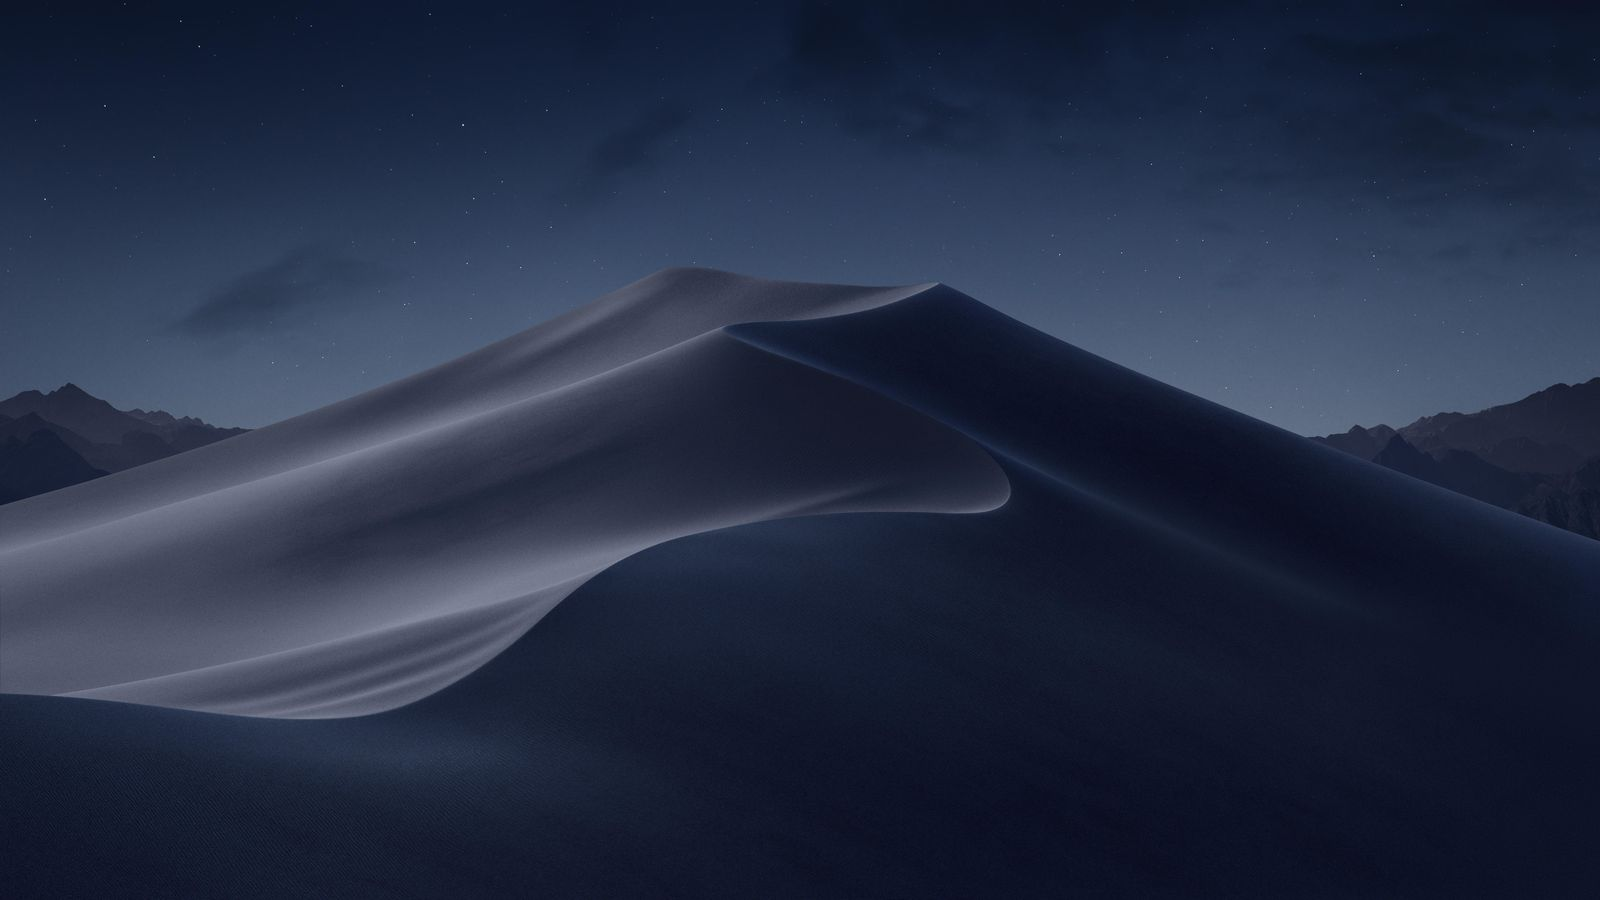 Вышла macOS Mojave с темным режимом, динамическим рабочим столом и другими функциями